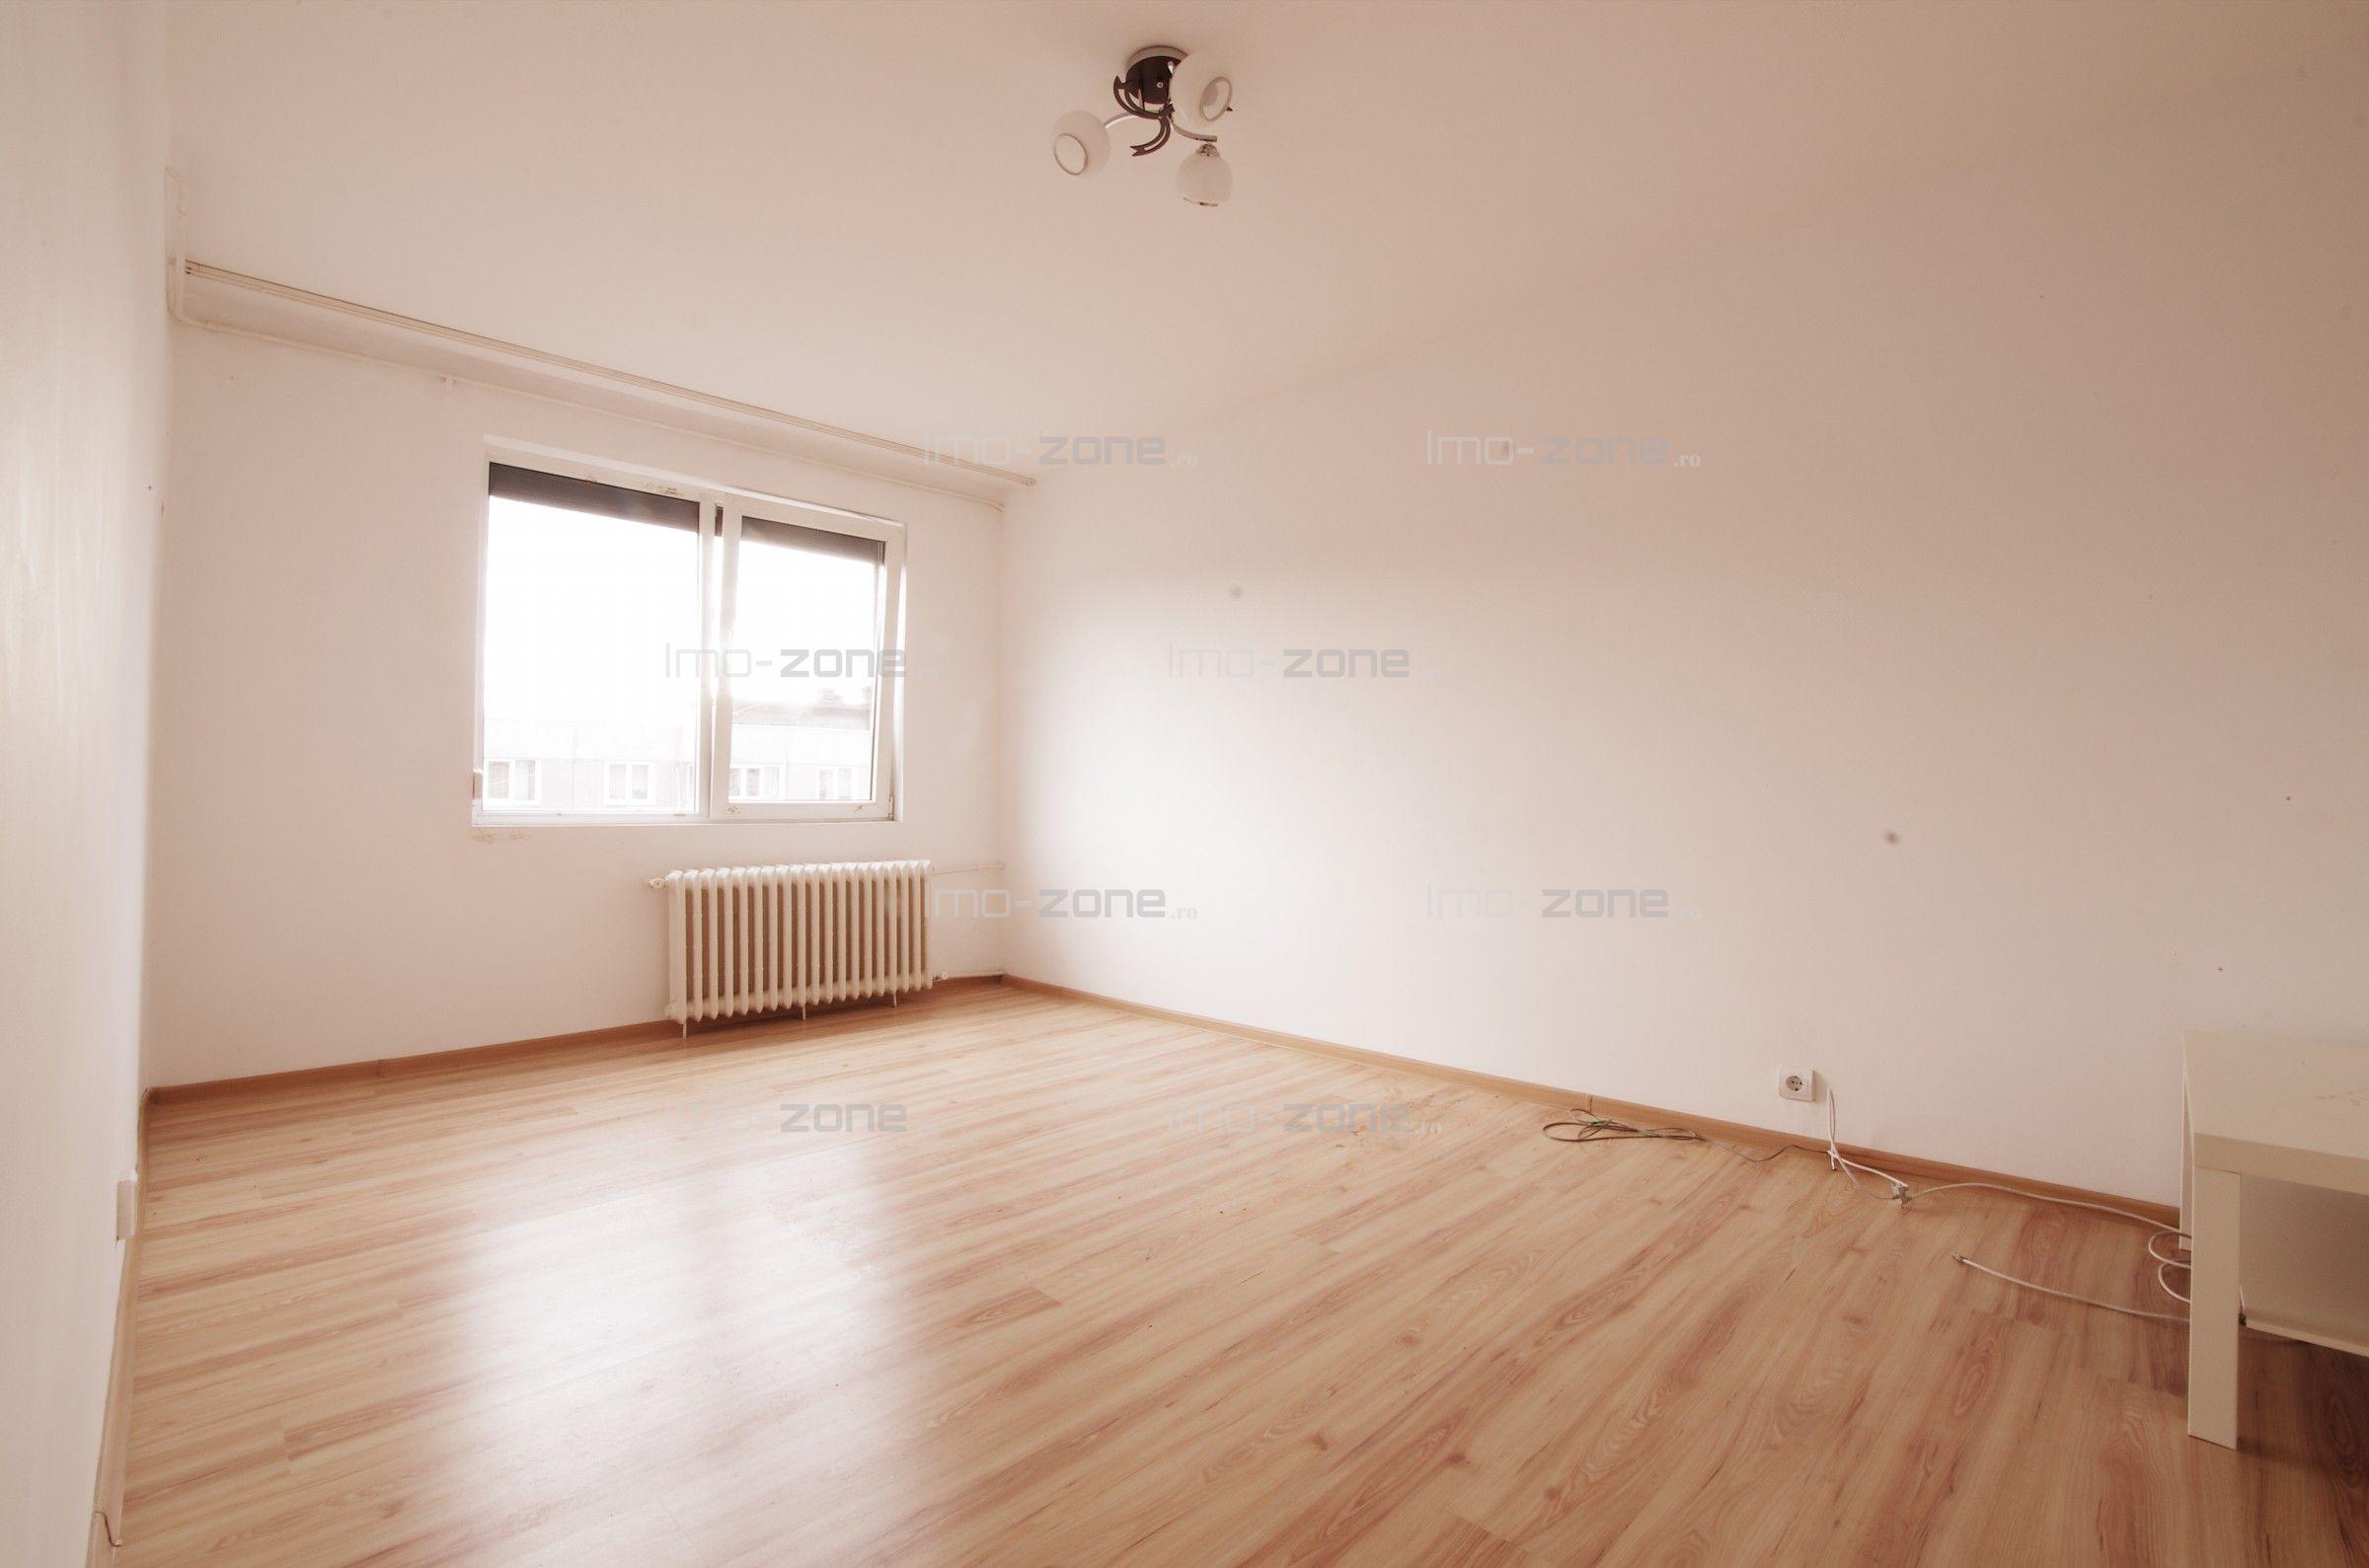 Apartament cu 2 camere în zona Drumul Taberei- Ghencea -comision 0%